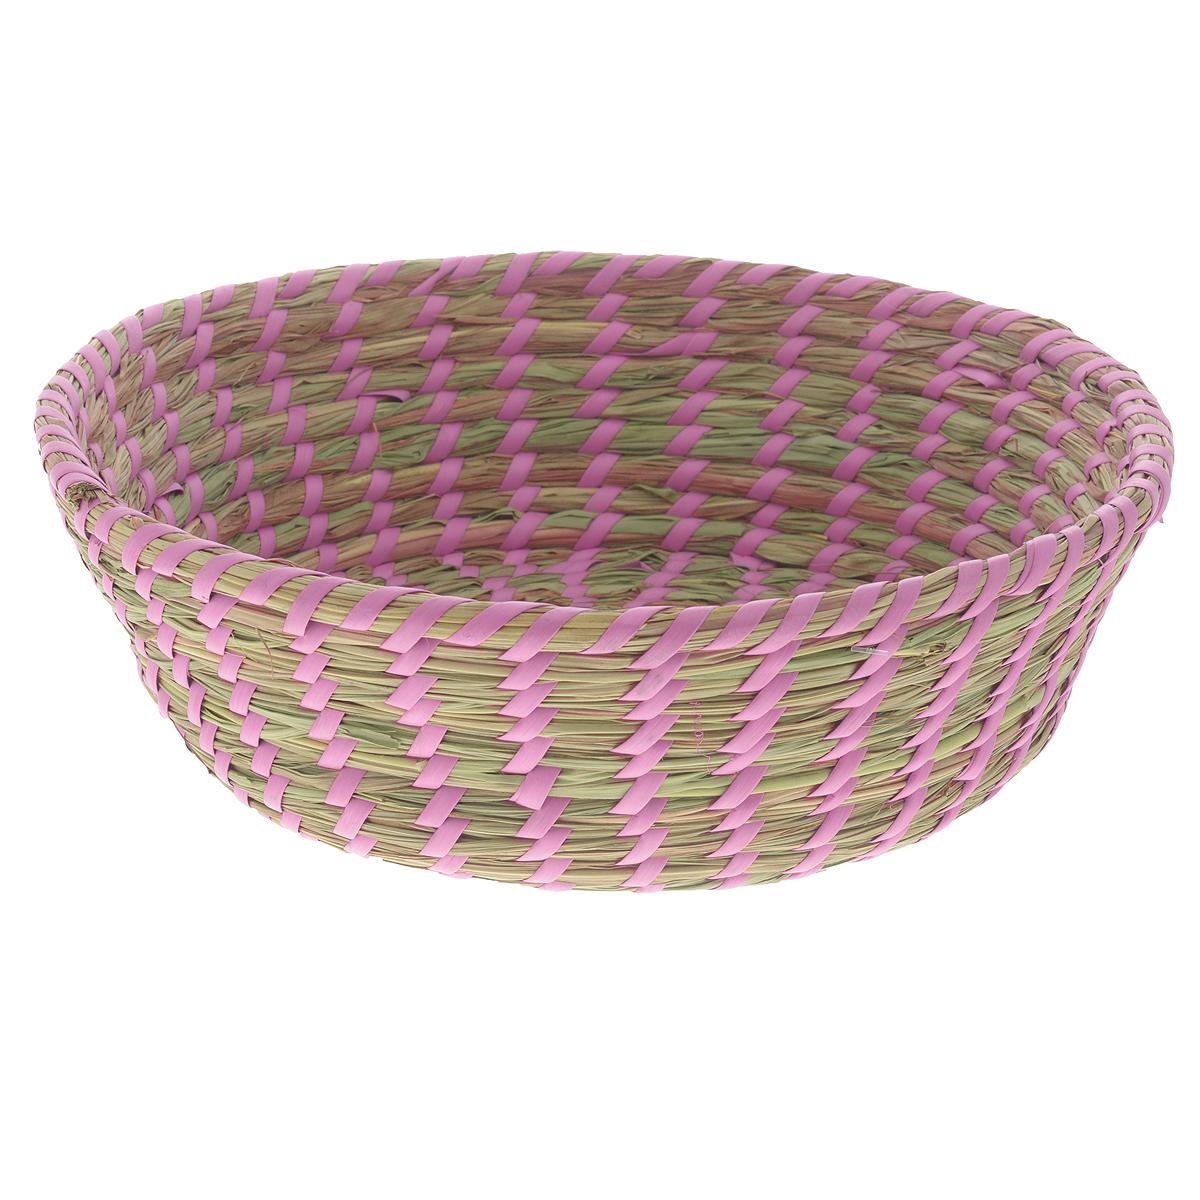 Корзина Zeller, диаметр 33 см74-0120Круглая корзина Zeller изготовлена из натурального плетеного волокна. Она предназначена для хранения фруктов, хлеба, а также мелочей дома или на даче. Позволяет хранить мелкие вещи, исключая возможность их потери. Корзина очень вместительная. Элегантный выдержанный дизайн позволяет органично вписаться в ваш интерьер и стать его элементом.Материал: натуральное волокно.Диаметр: 33 см.Высота: 10 см.